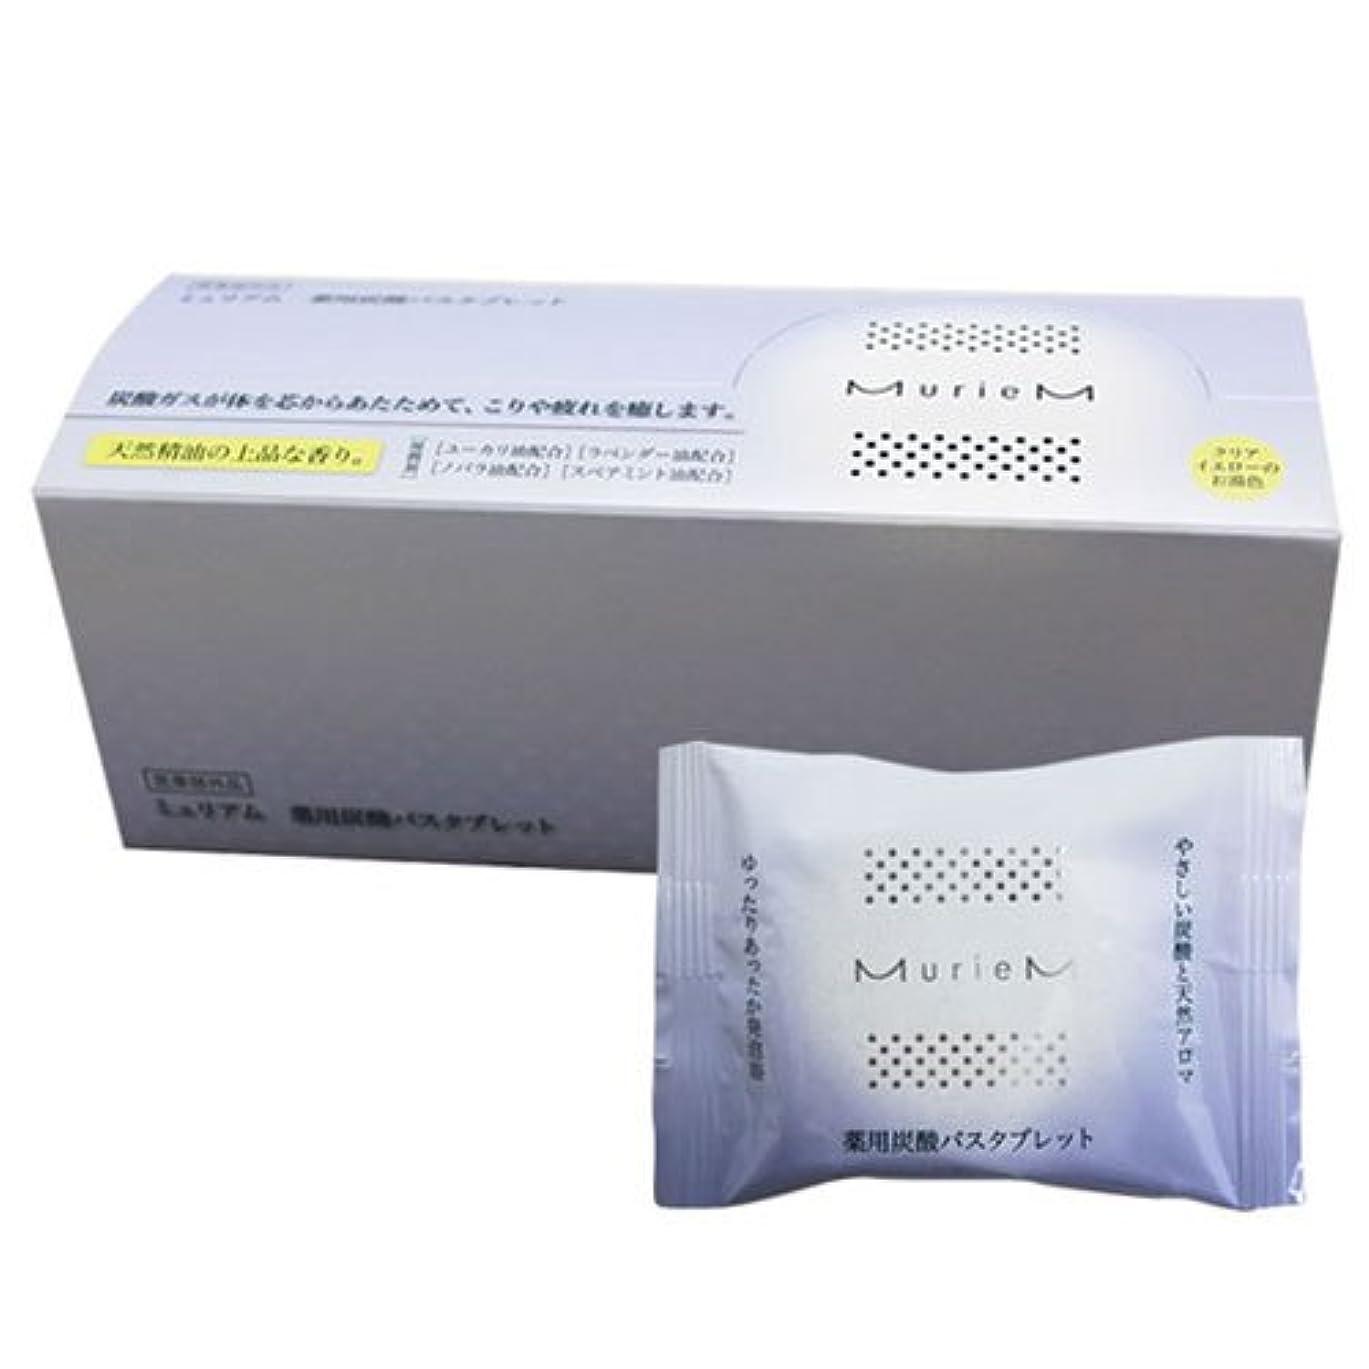 ボックスマウントバンク未満ナンバースリー ミュリアム 薬用炭酸バスタブレット 30g×10包 [医薬部外品]